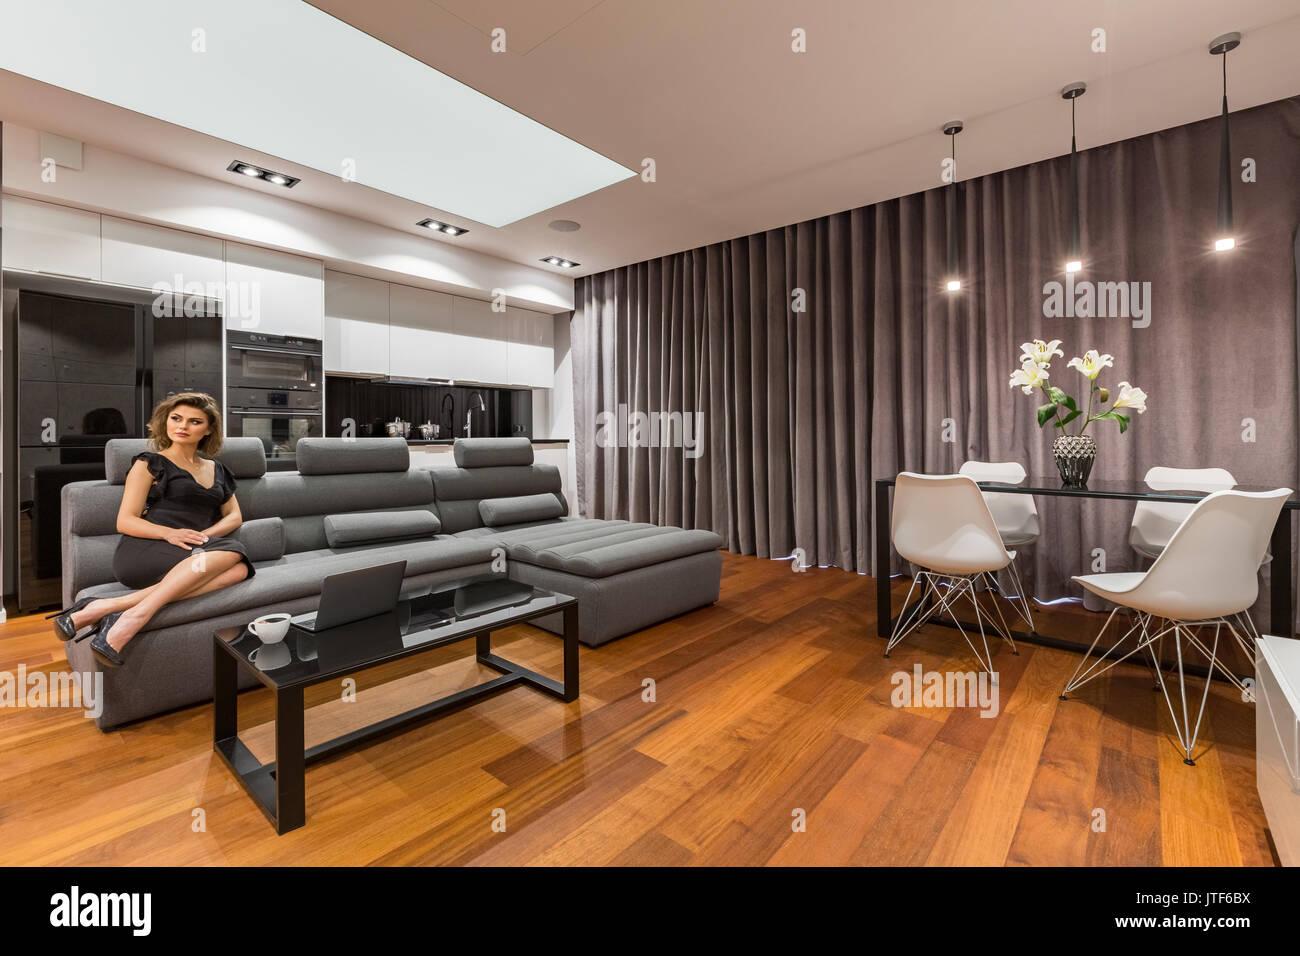 Elegante Frau Sitzt Auf Einem Sofa In Der Modernen Wohnzimmer Mit